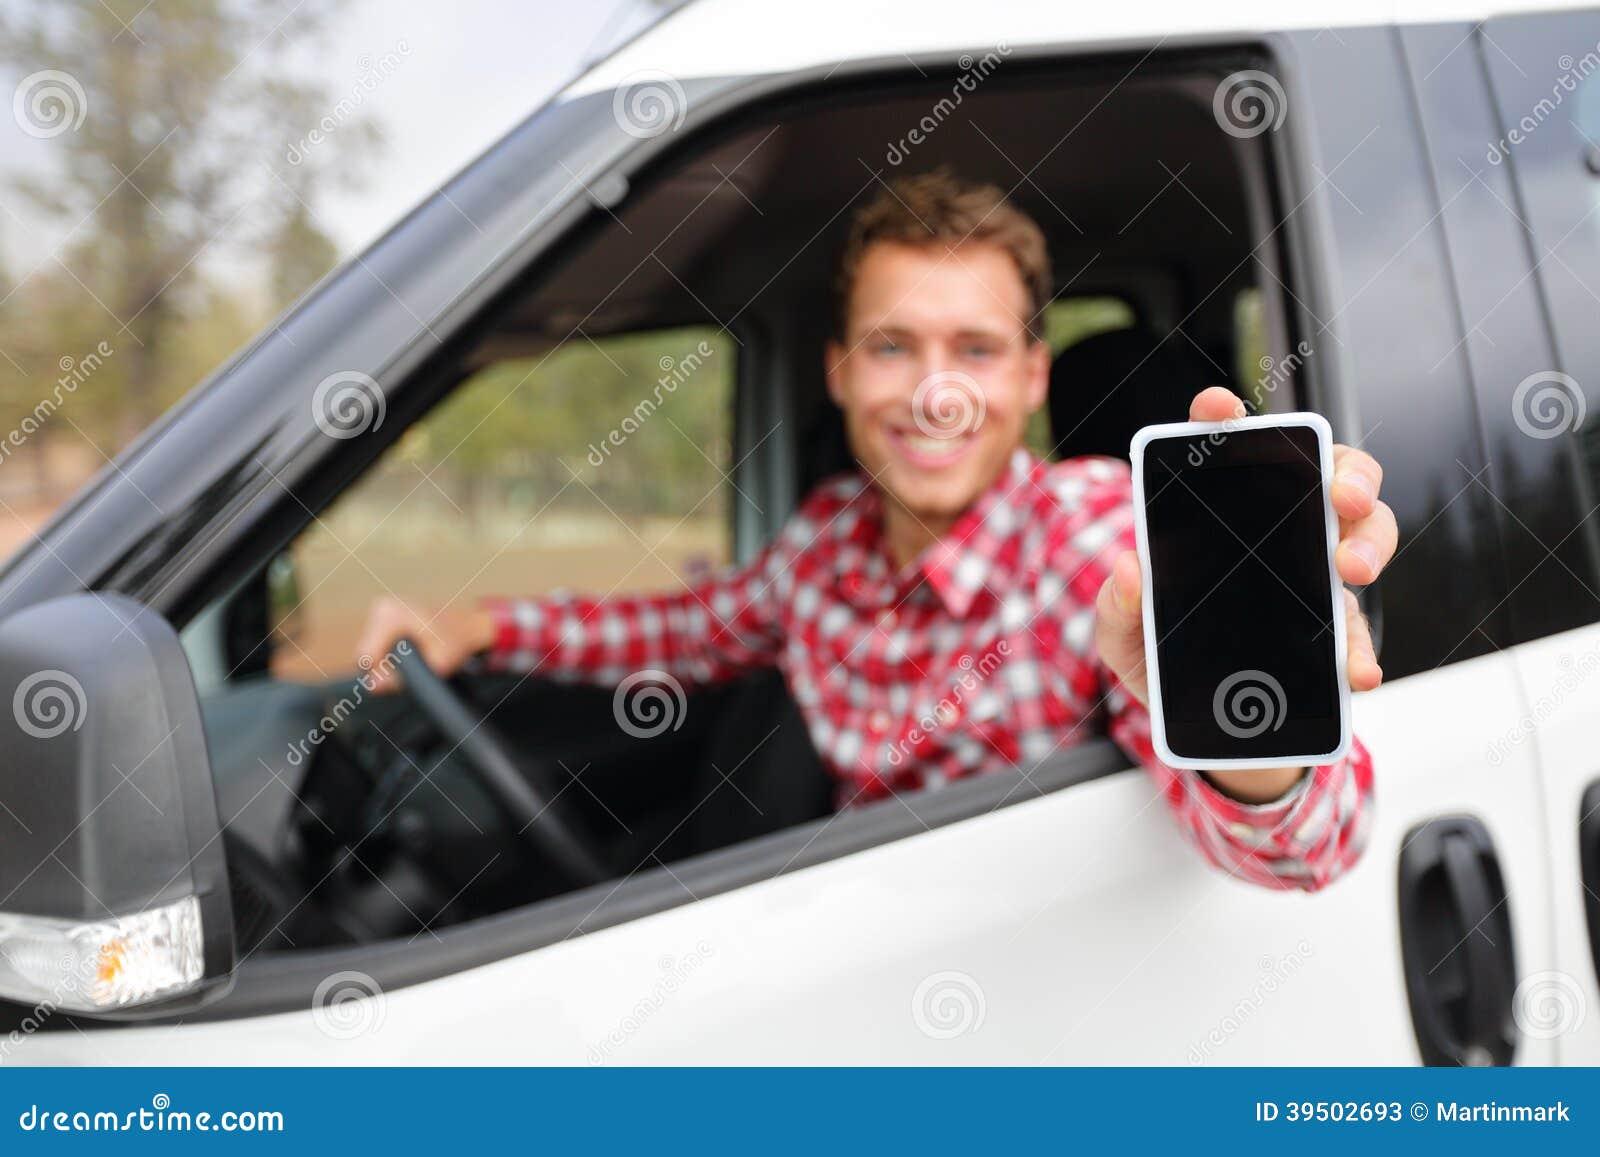 Έξυπνο τηλεφωνικό άτομο στην οδήγηση αυτοκινήτων που παρουσιάζει smartphone